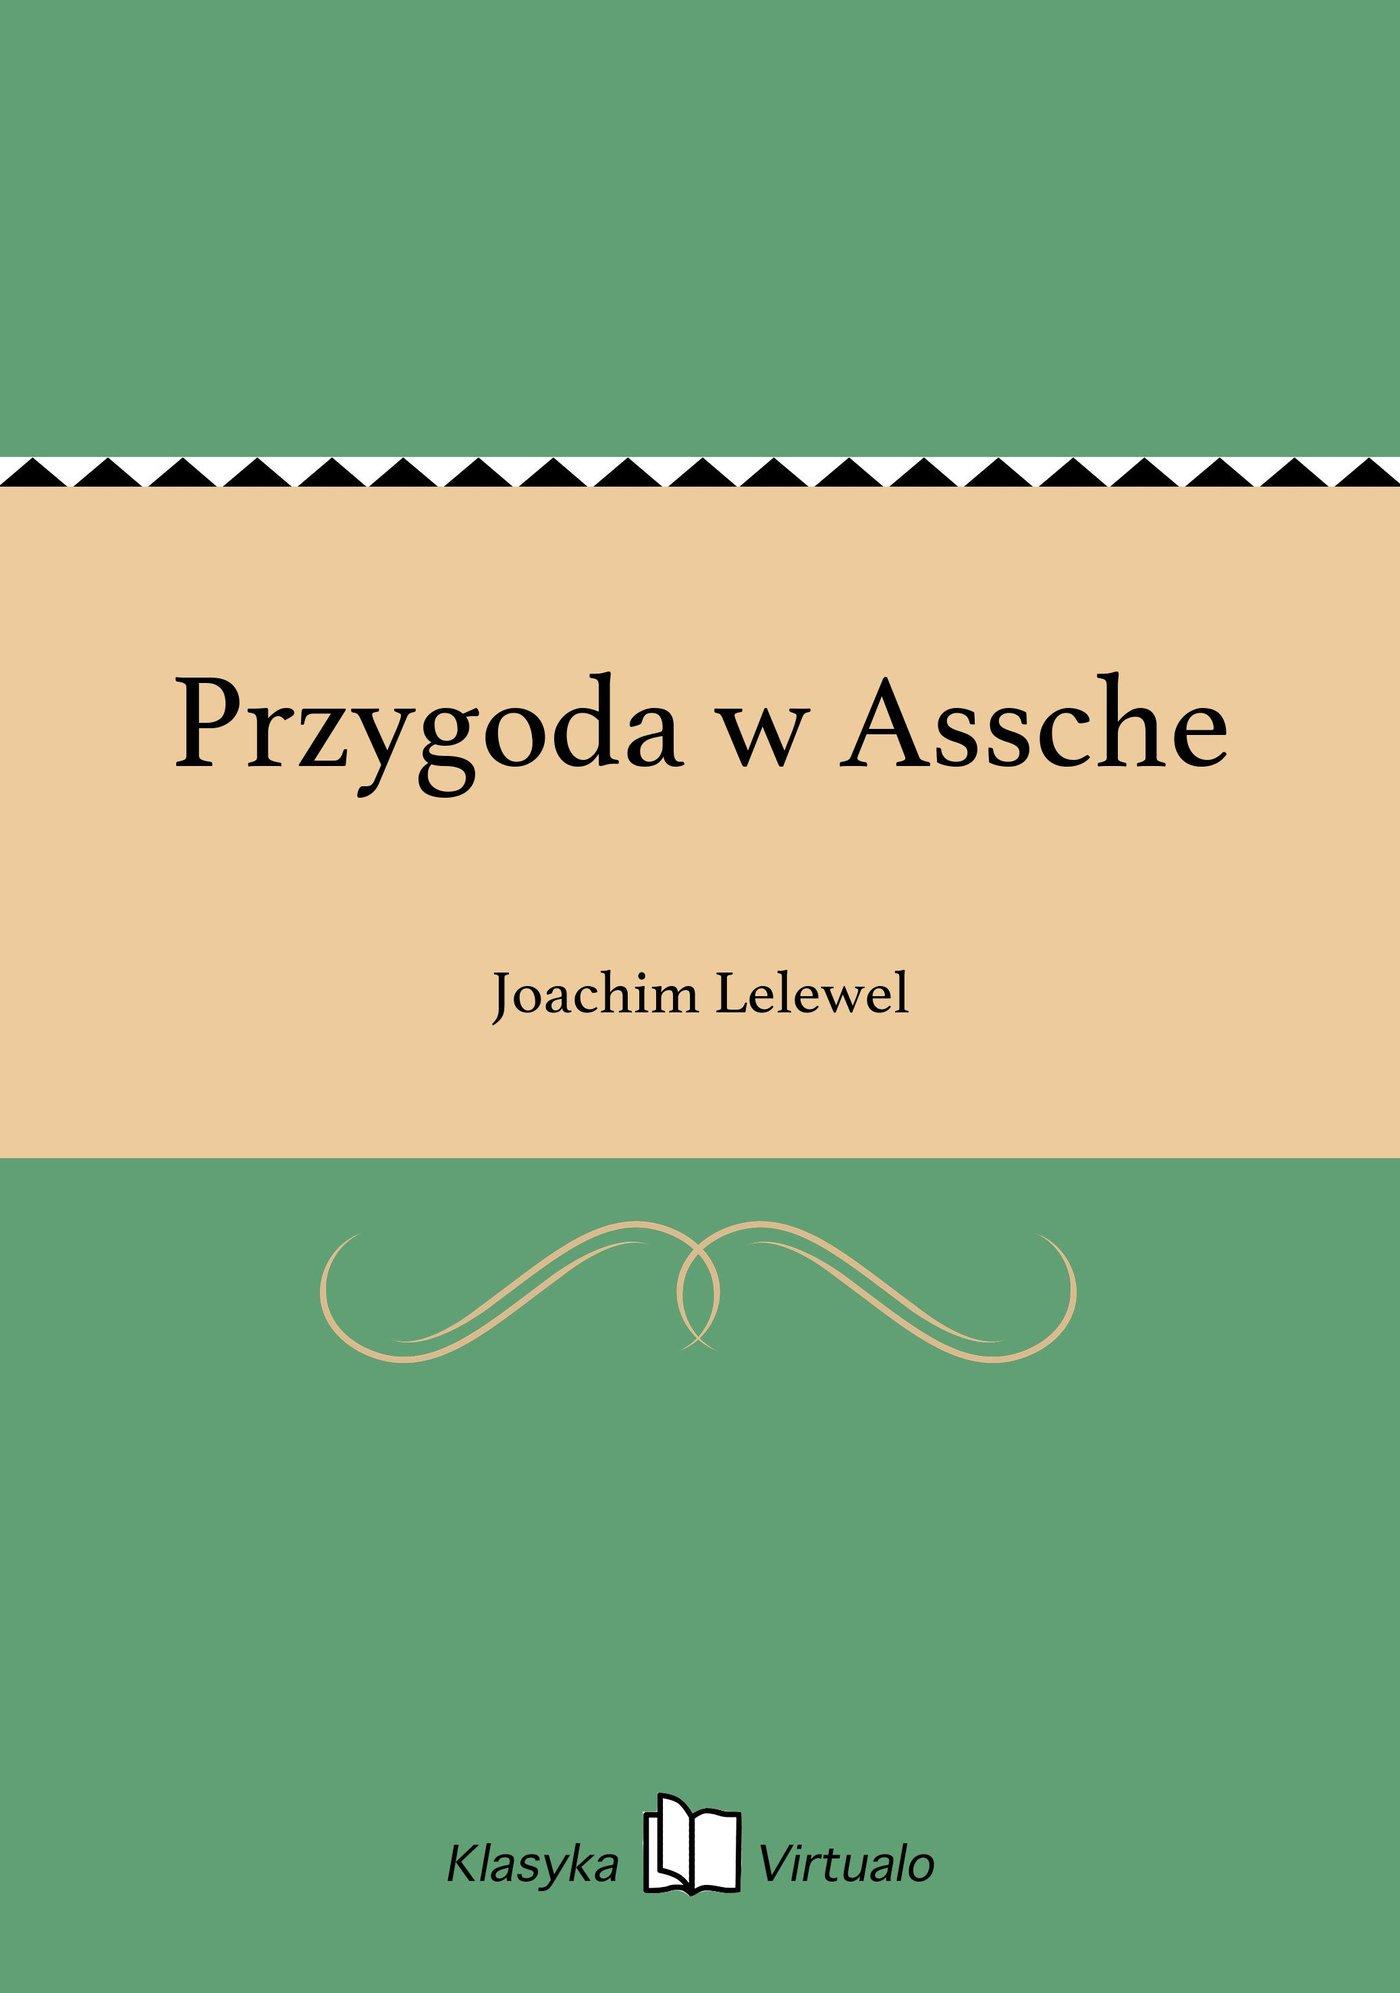 Przygoda w Assche - Ebook (Książka na Kindle) do pobrania w formacie MOBI